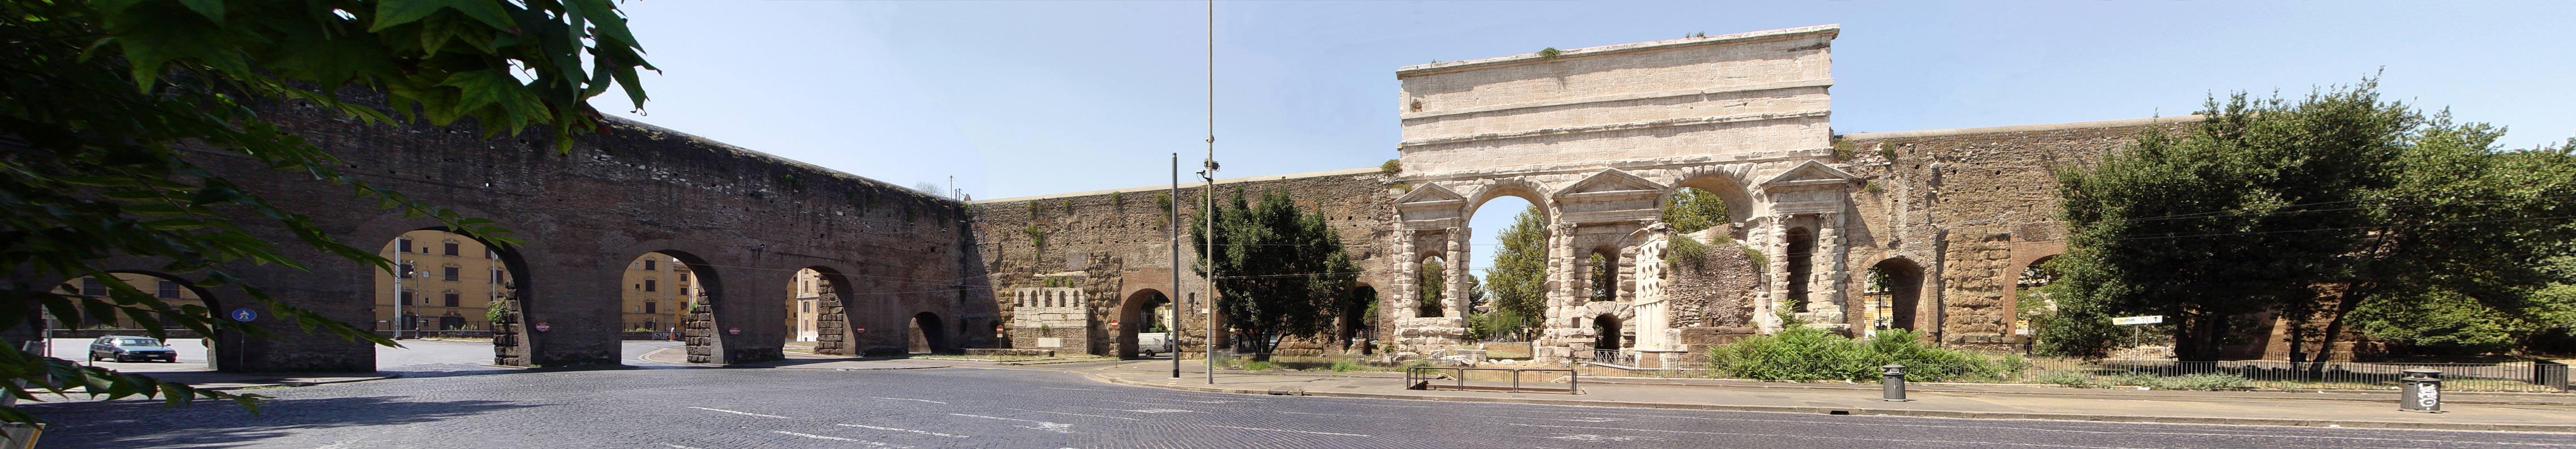 Acquedotti romani fuori porta maggiore al tuscolano for Affitto roma porta di roma